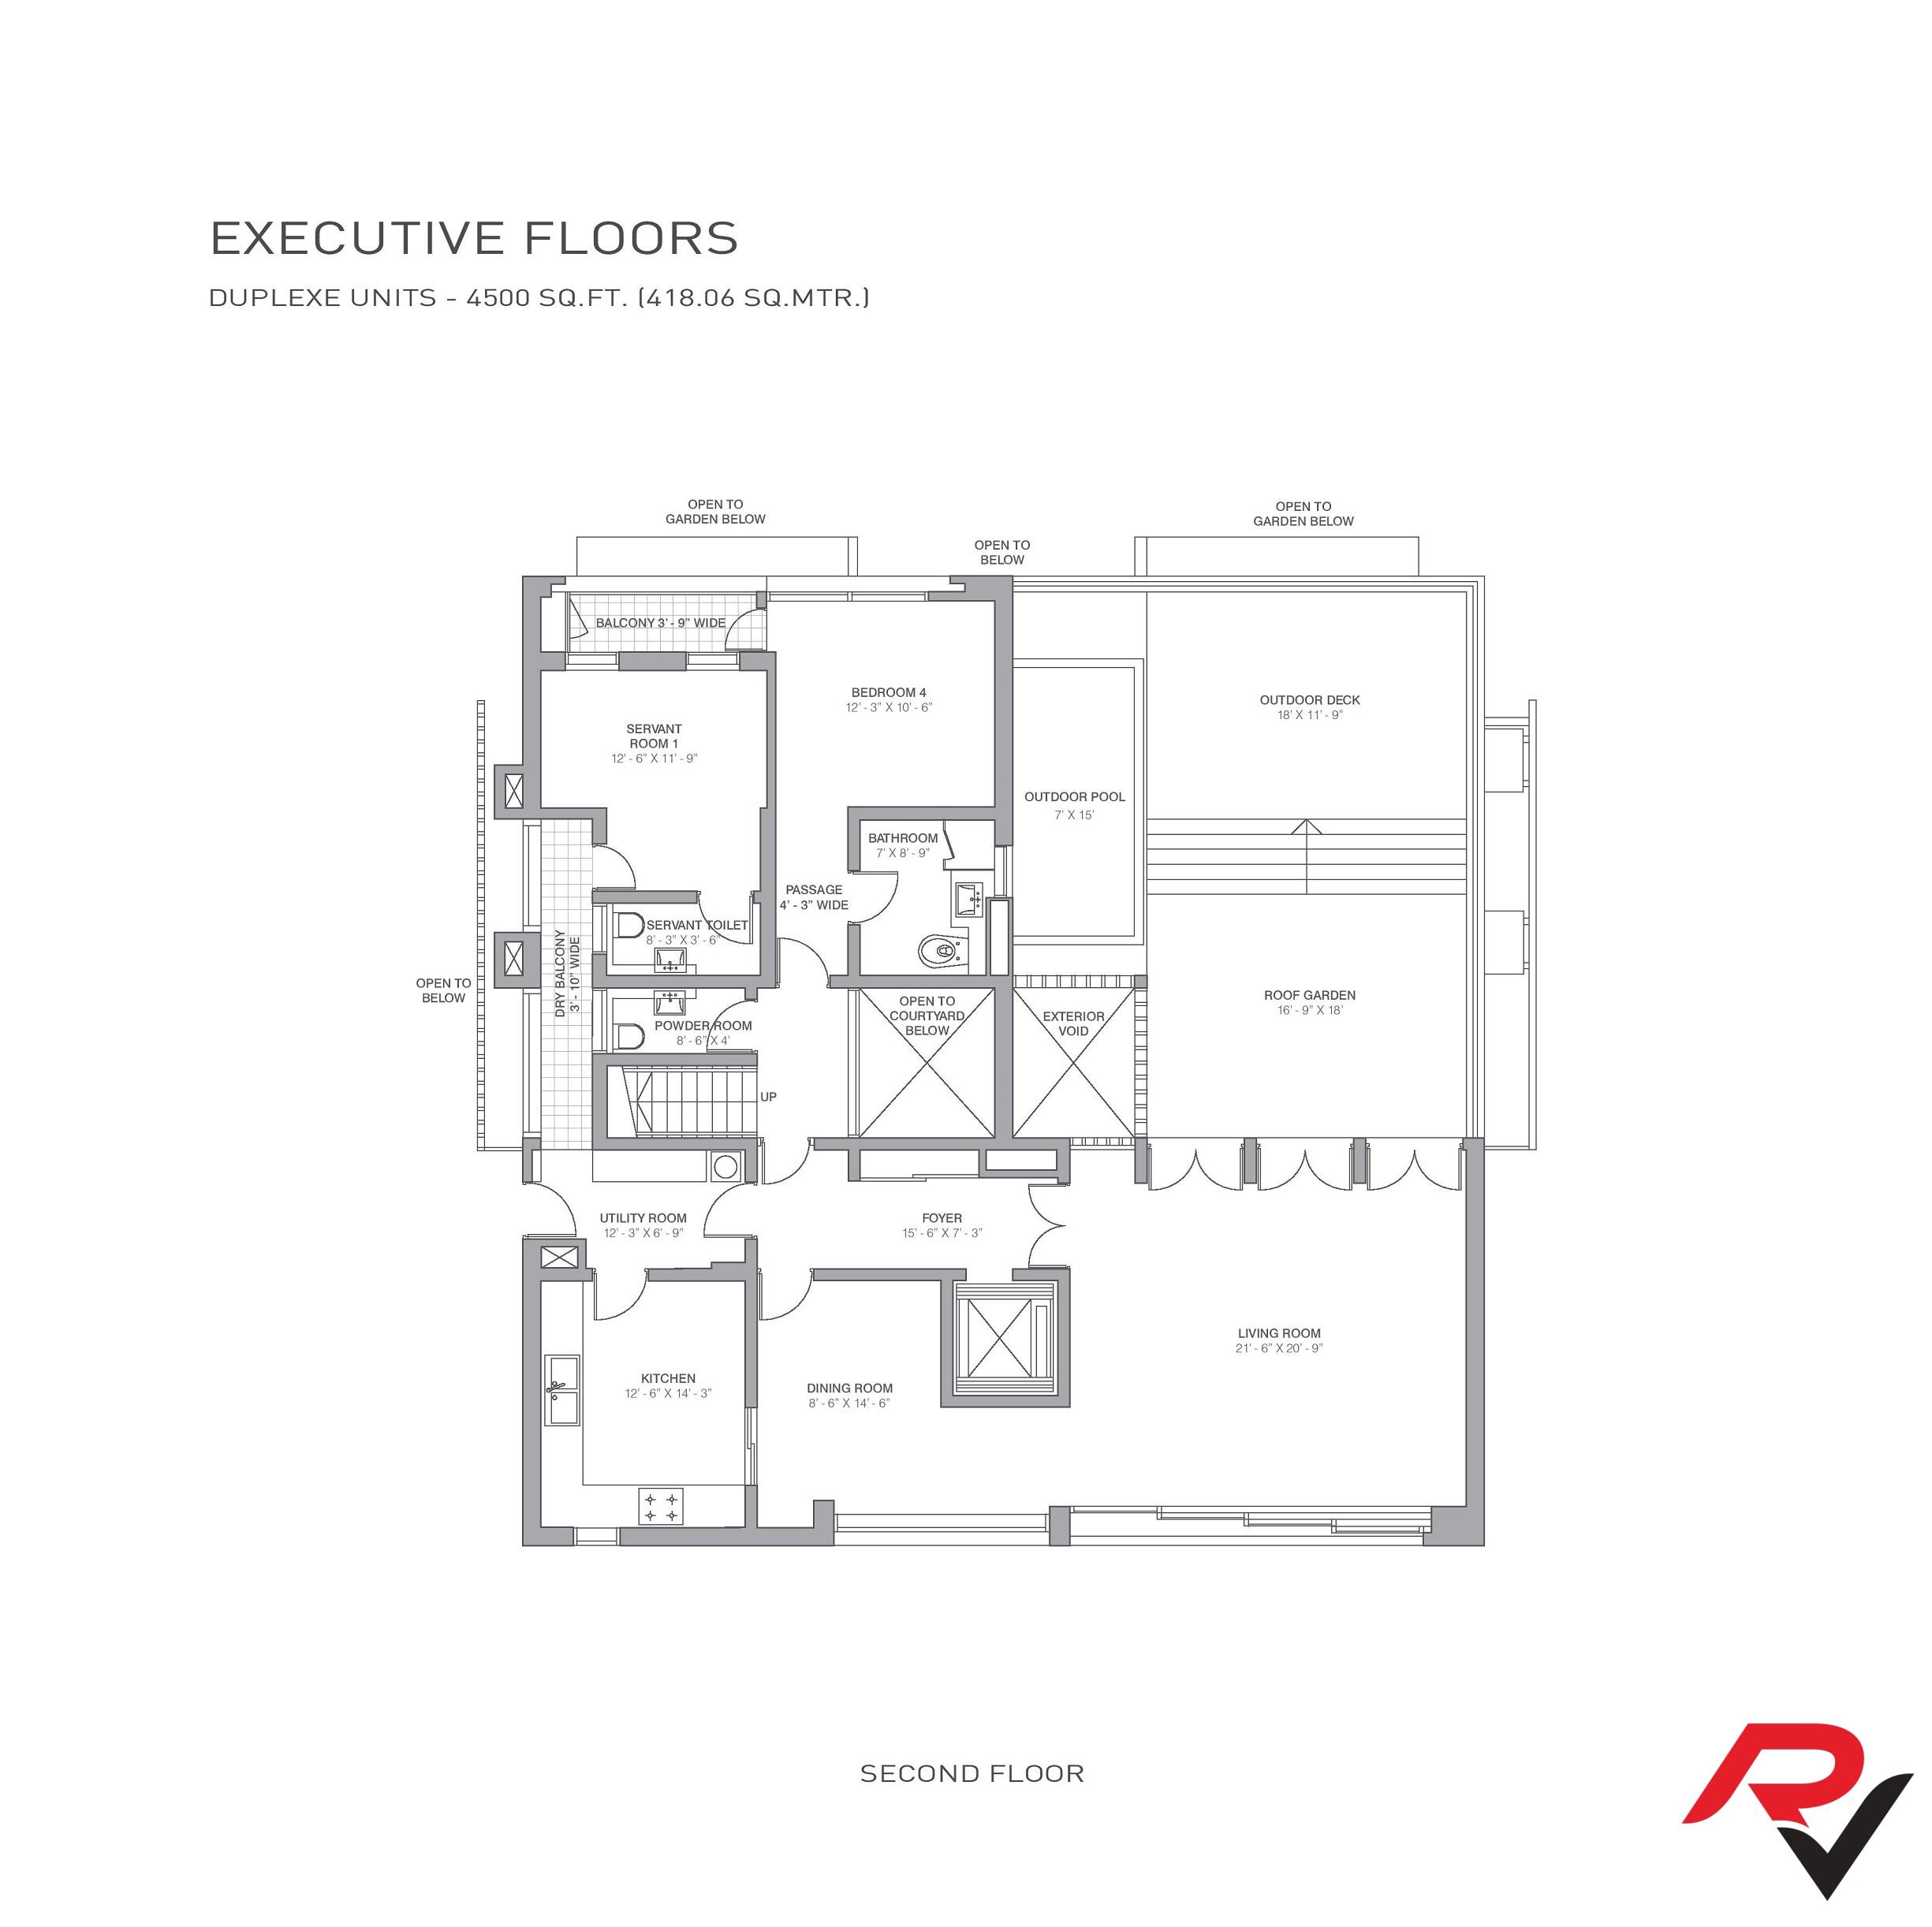 4Bhk + Servant Room + Roof Garden + Deck + Pool